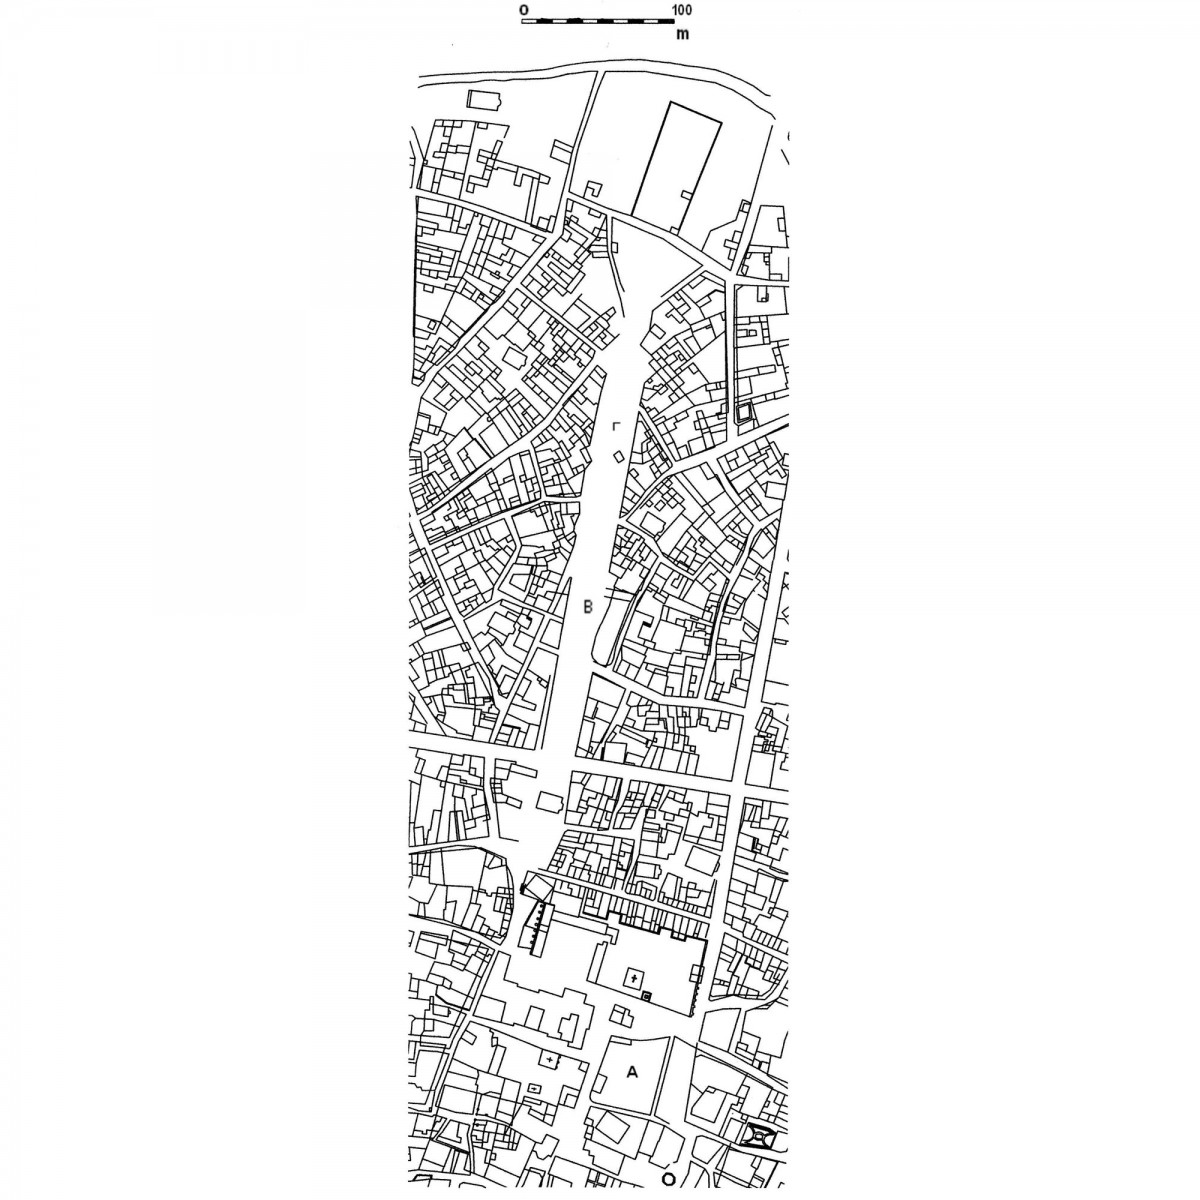 Εικ. 3. Απόσπασμα του χάρτη του Friedrich Stauffert, του 1836 (ανασχεδίαση Δ. Ρουμπιέν). Σημειώνονται οι σχολιαζόμενες οικοδομικές νησίδες του Σταροπάζαρου (Α) και της οδού Αθηνάς (Β και Γ).